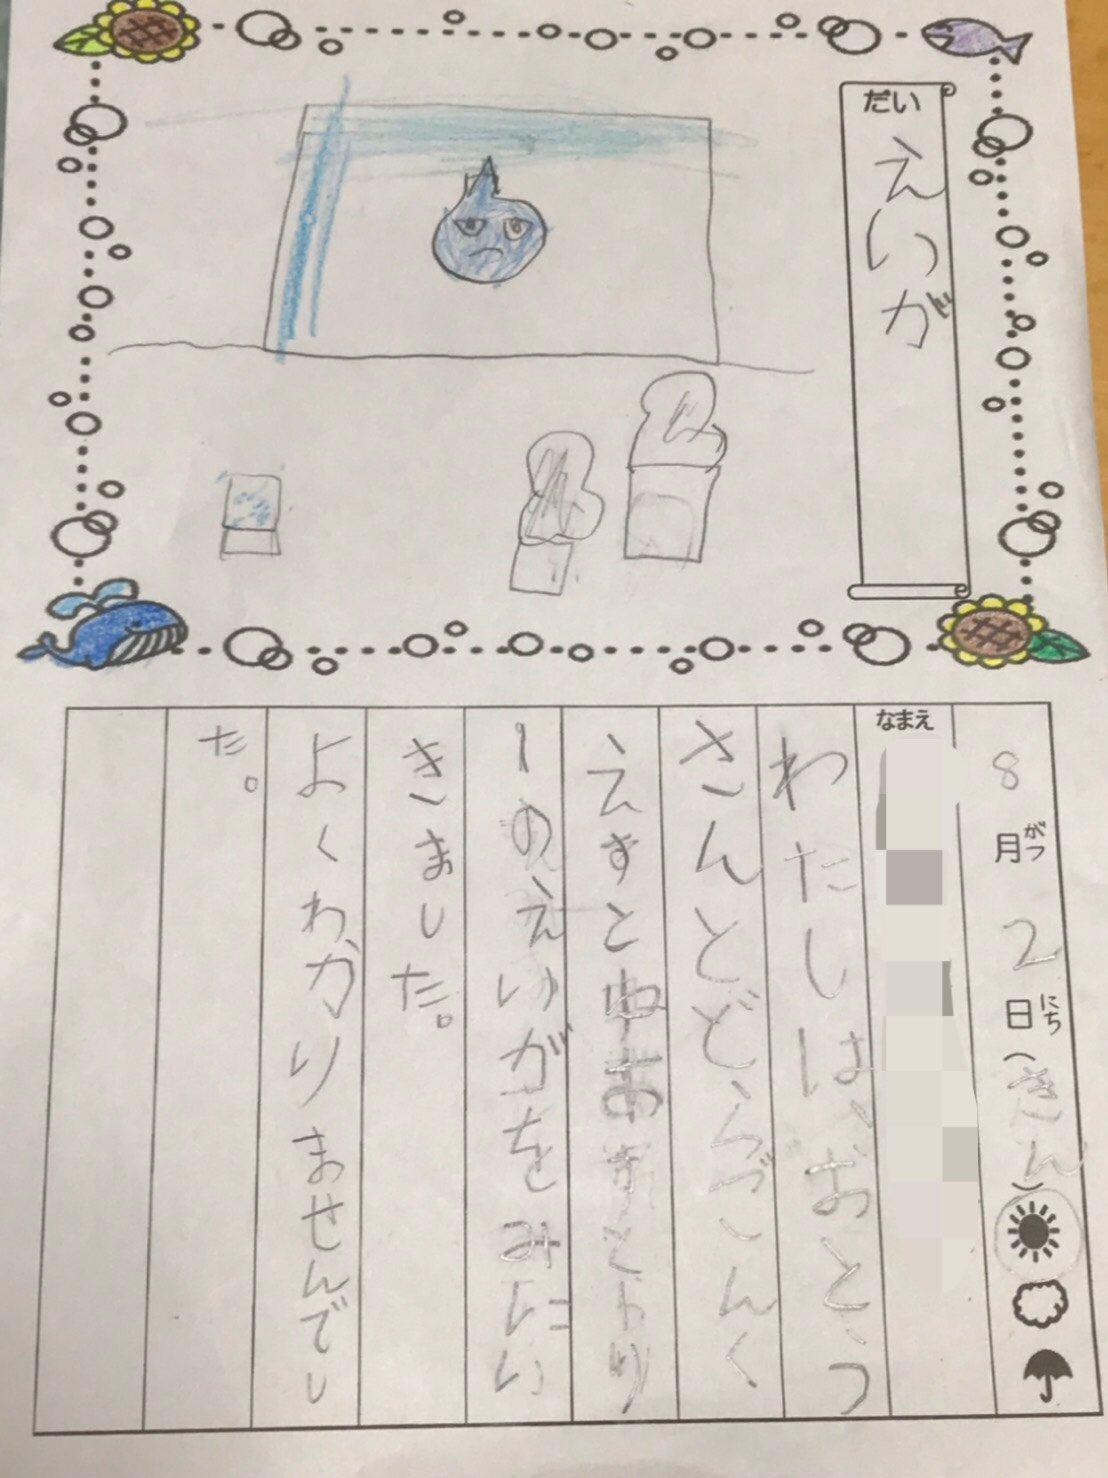 5hamw8c - 【悲報】ドラゴンクエスト ユアストーリー、ユーザー評価が☆2.1まで低下する